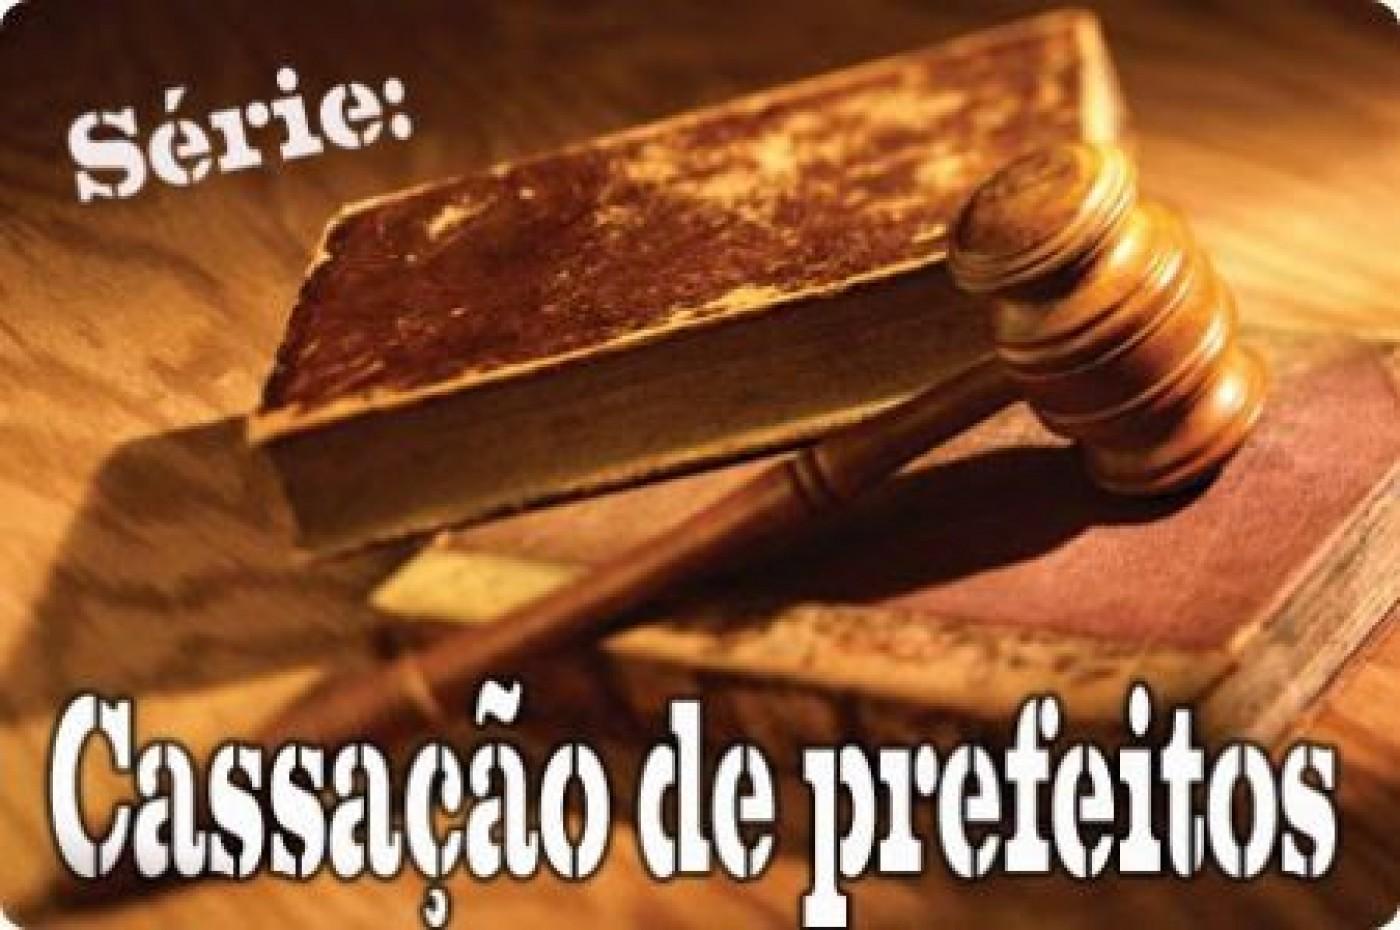 Juiz eleitoral cassa prefeito de Paes Landim por suposta compra de votos